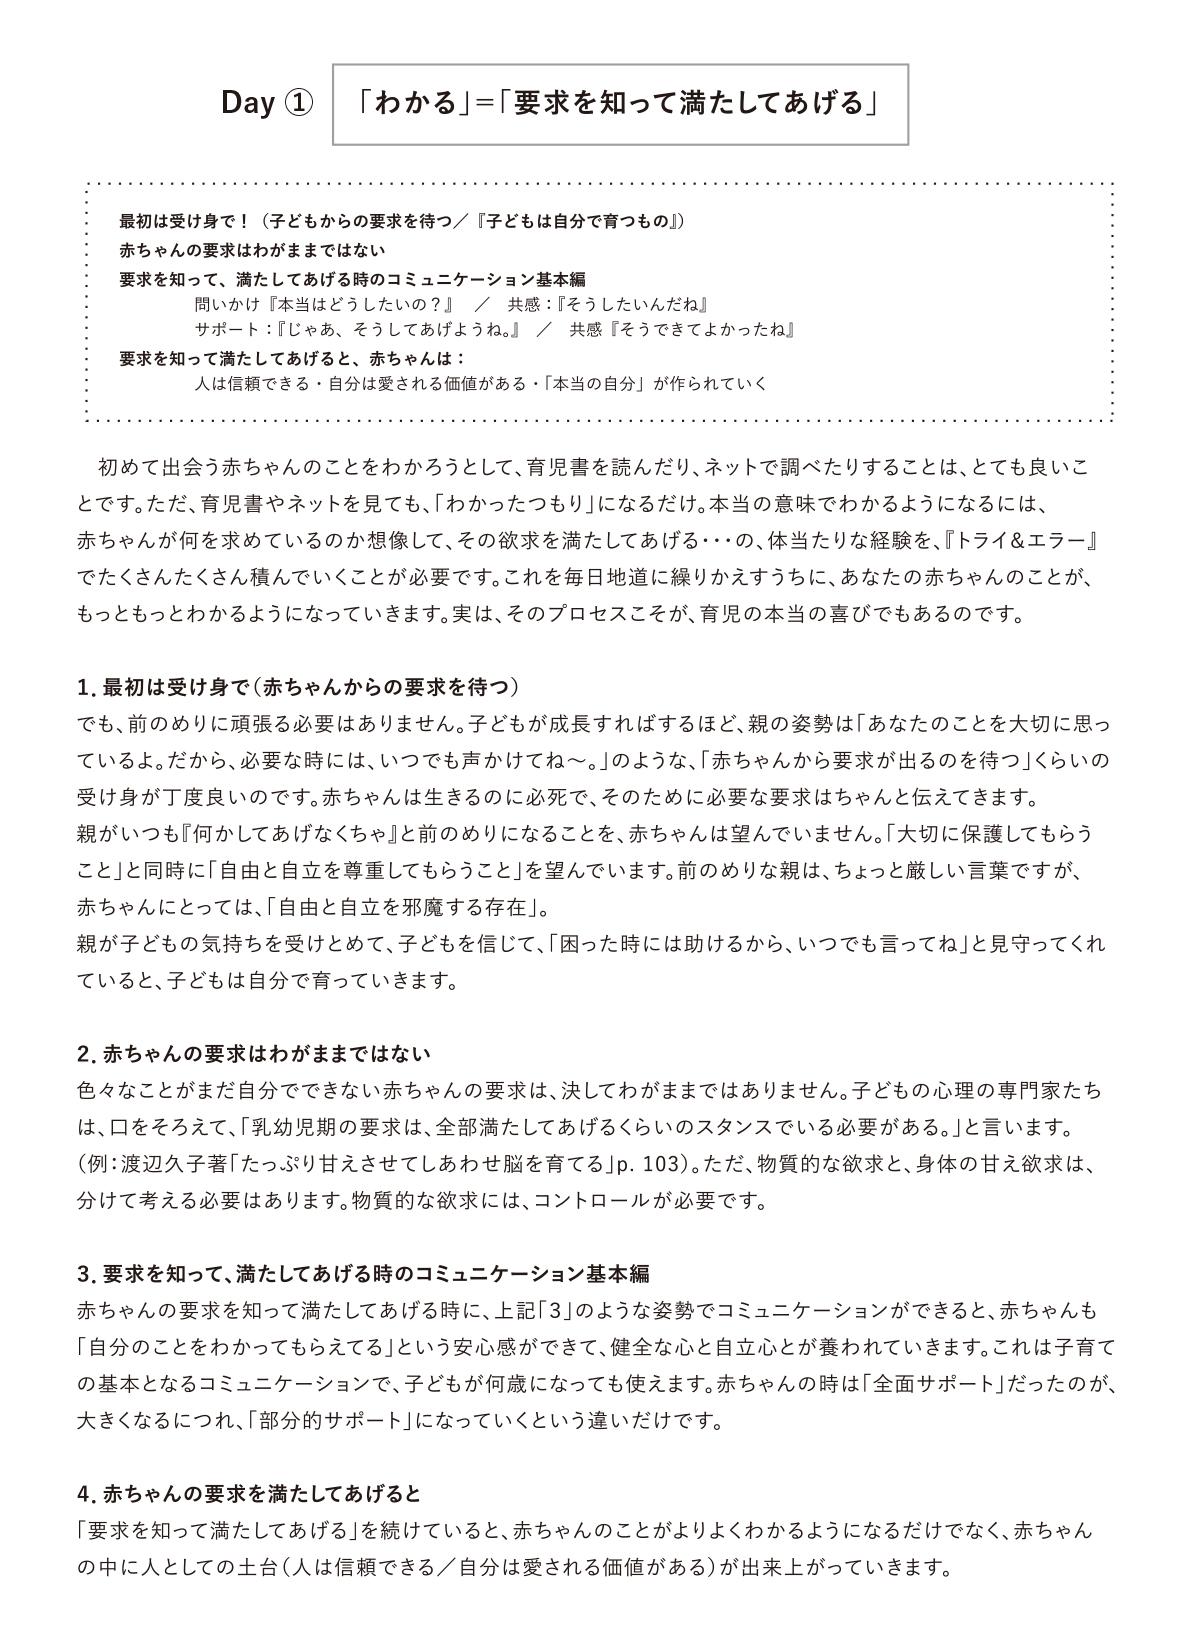 mamagaku【ママガク】